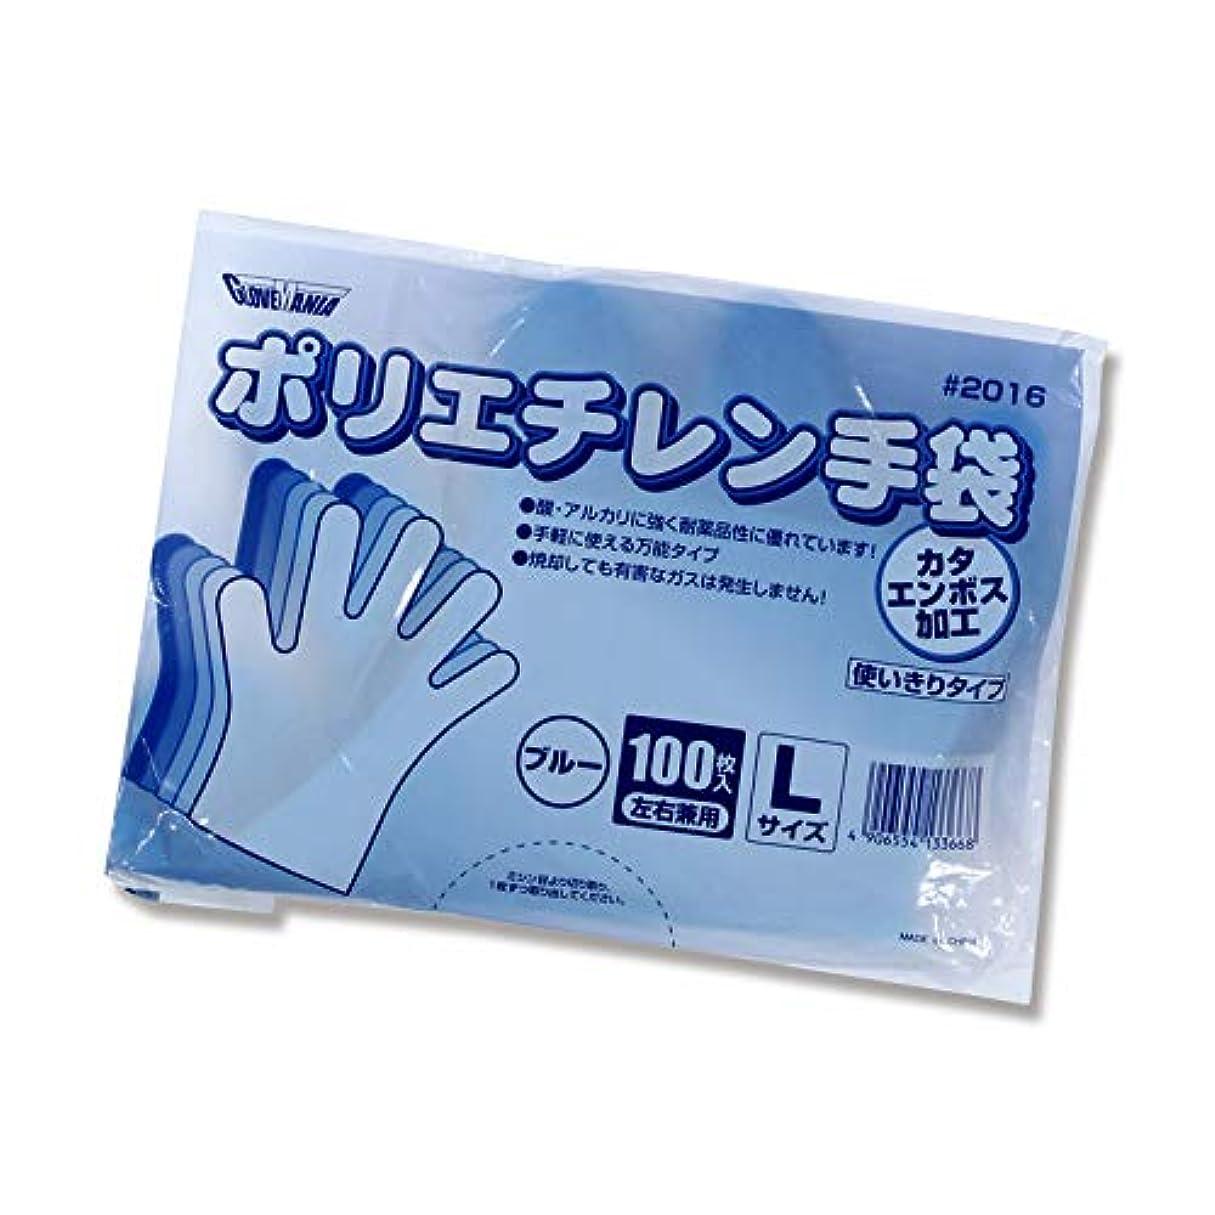 視聴者ボードライラック【ポリ手袋】2016 ポリエチカタエンボスブルー Lサイズ 100枚